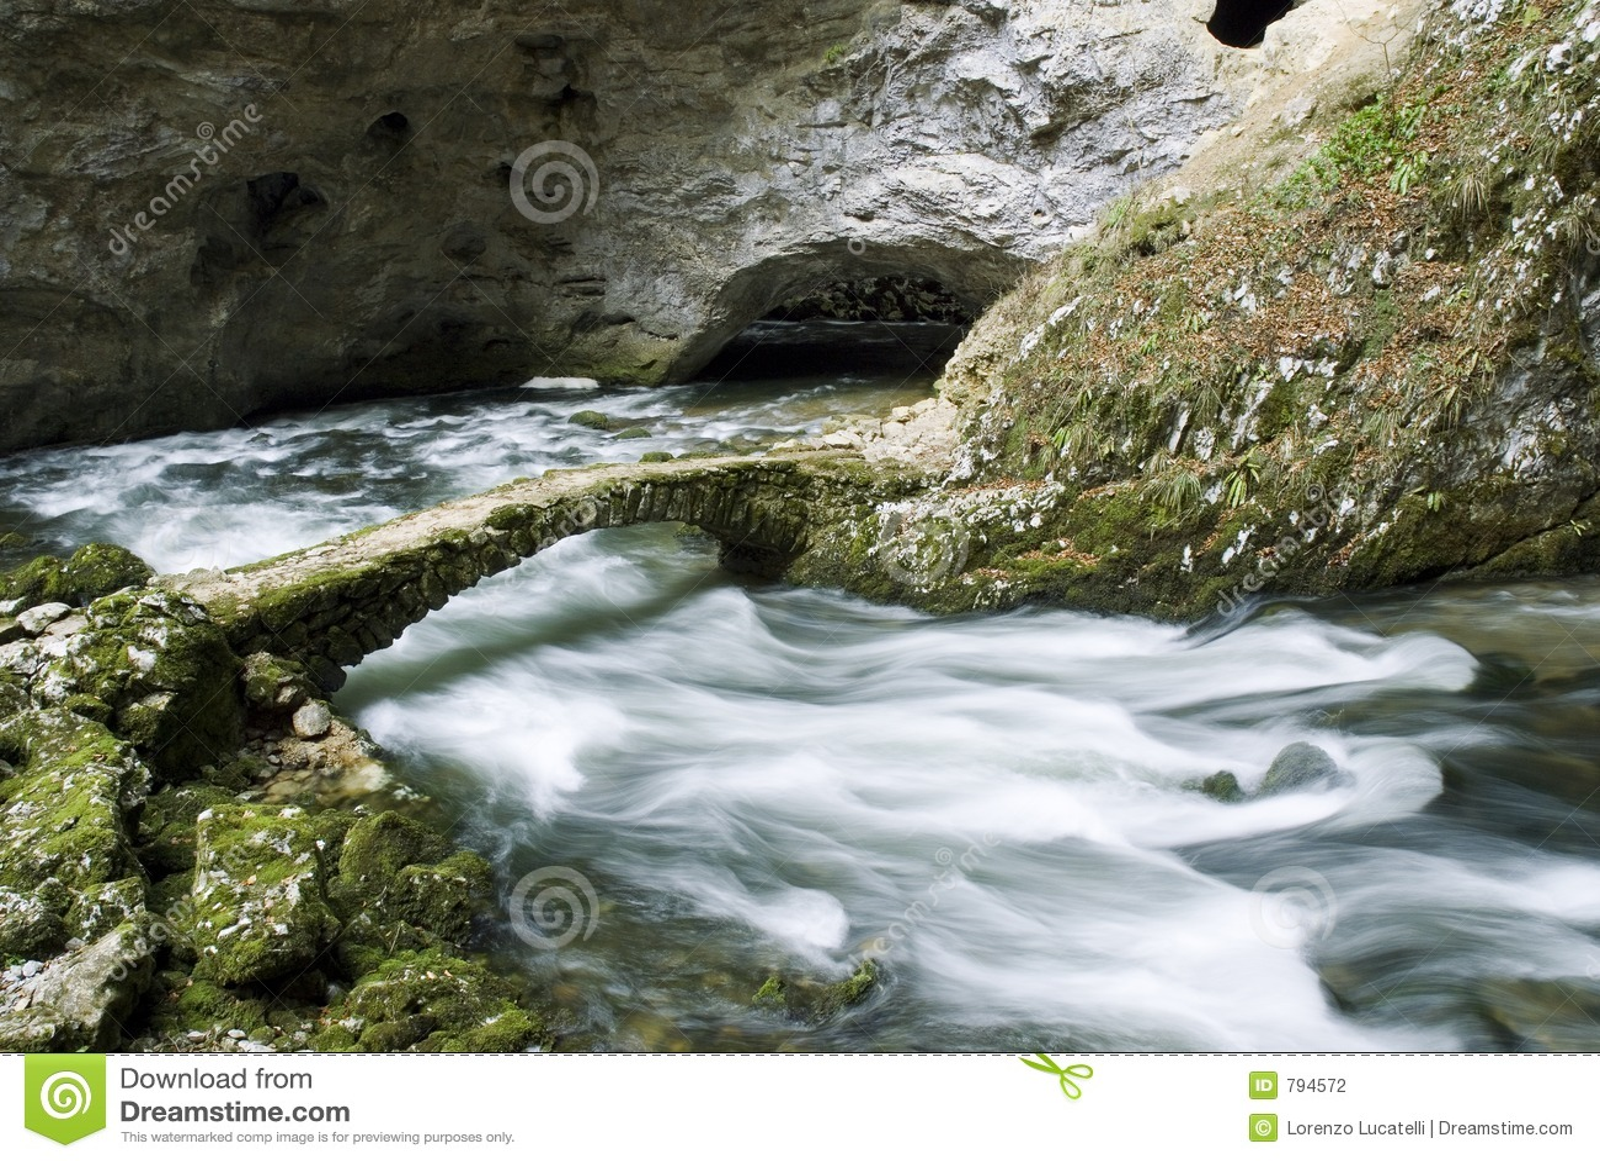 Skocian rakovflod